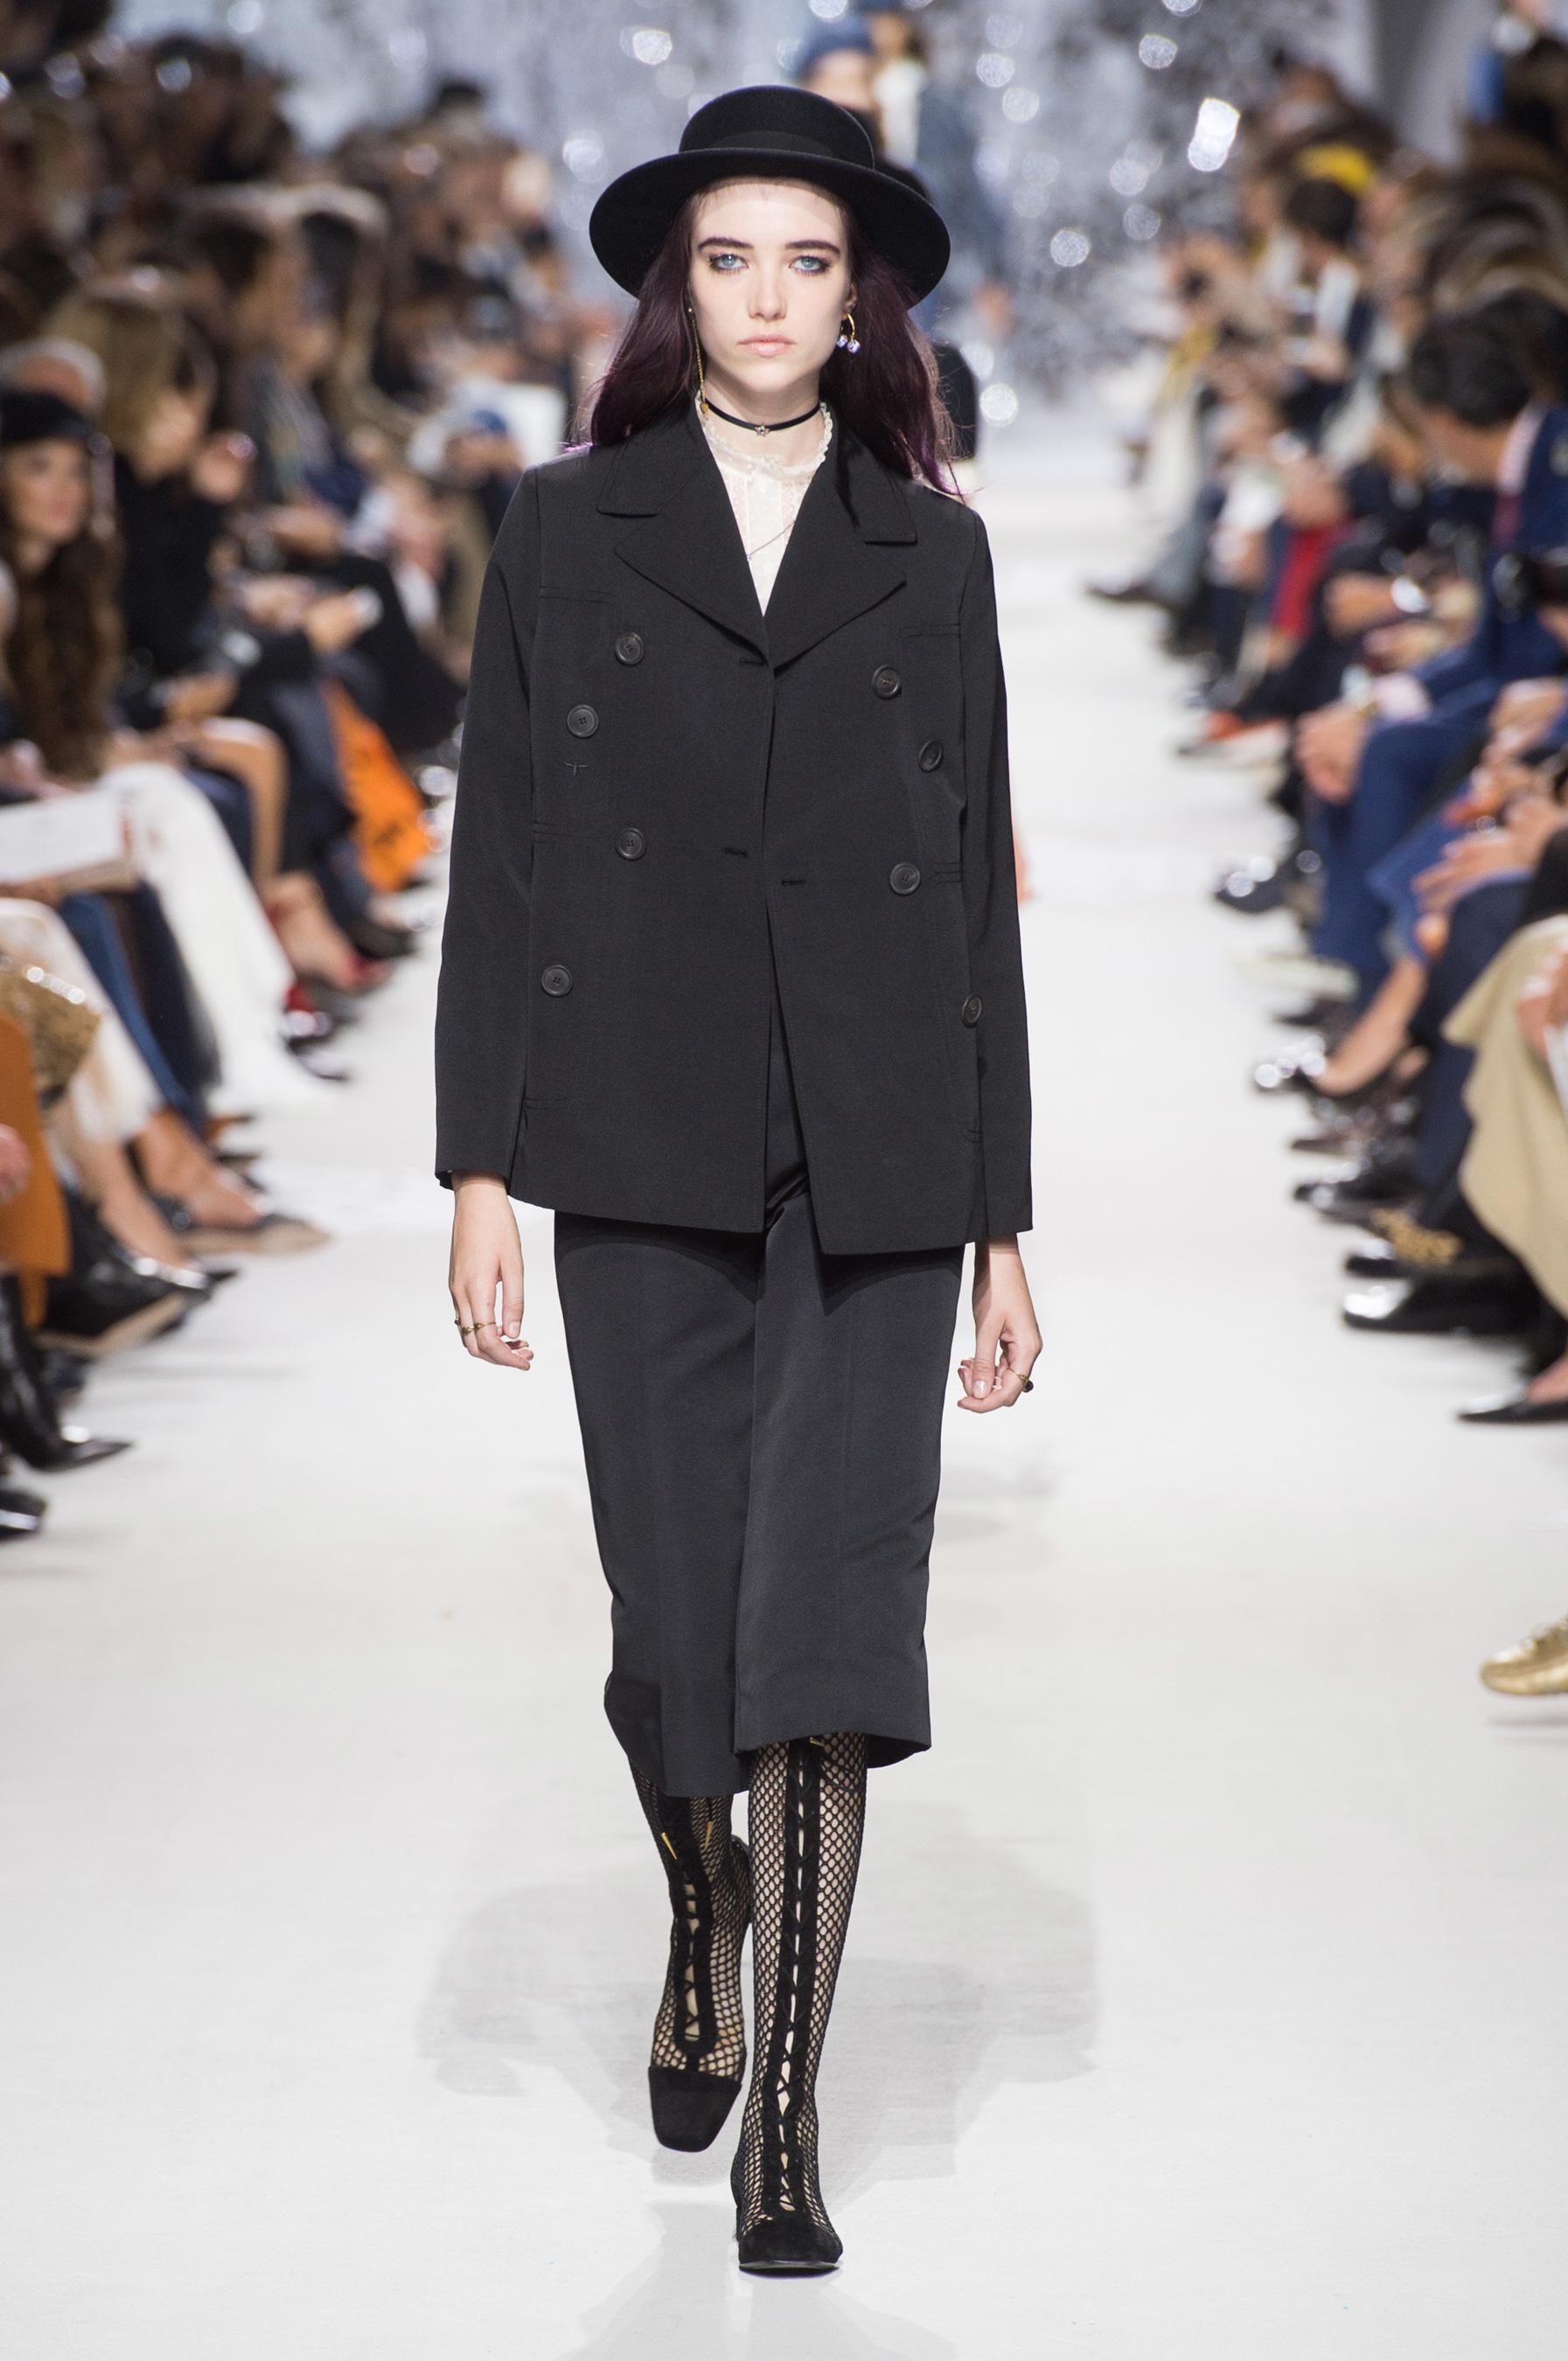 Christian Dior весна лето 2018 шляпа